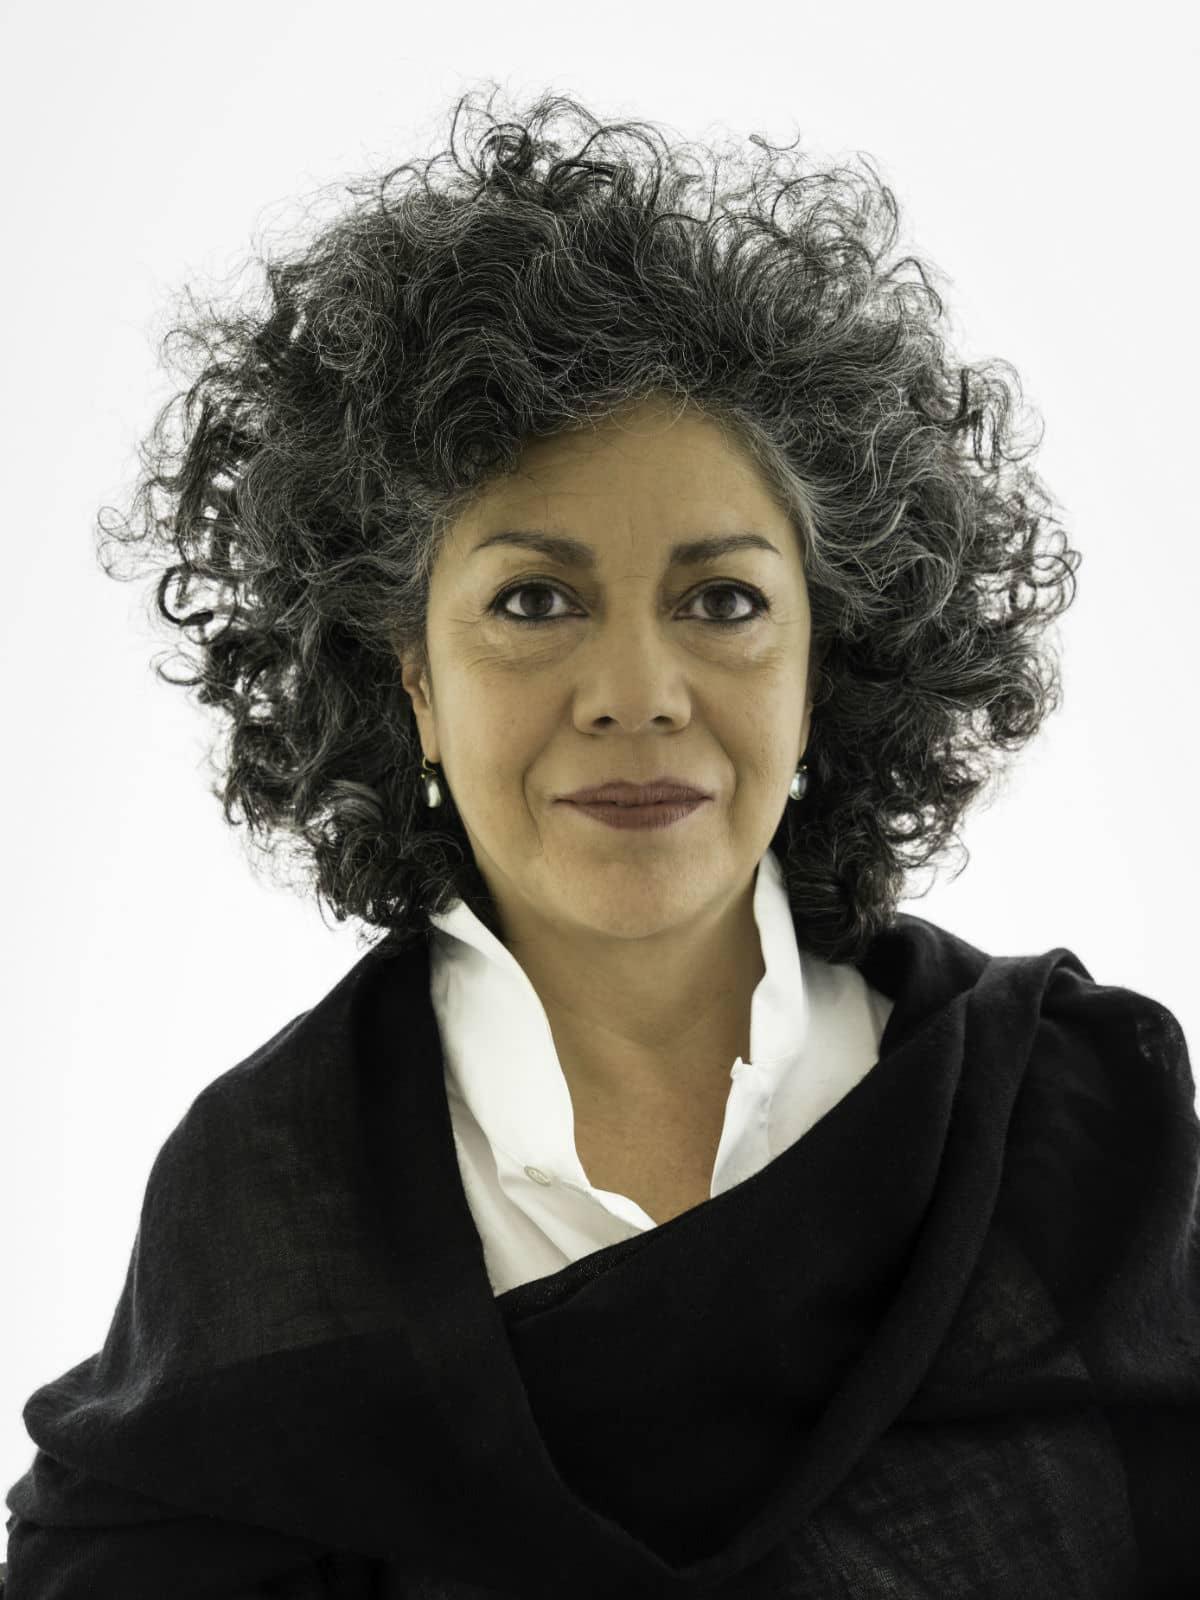 Nasher Prize winner Doris Salcedo